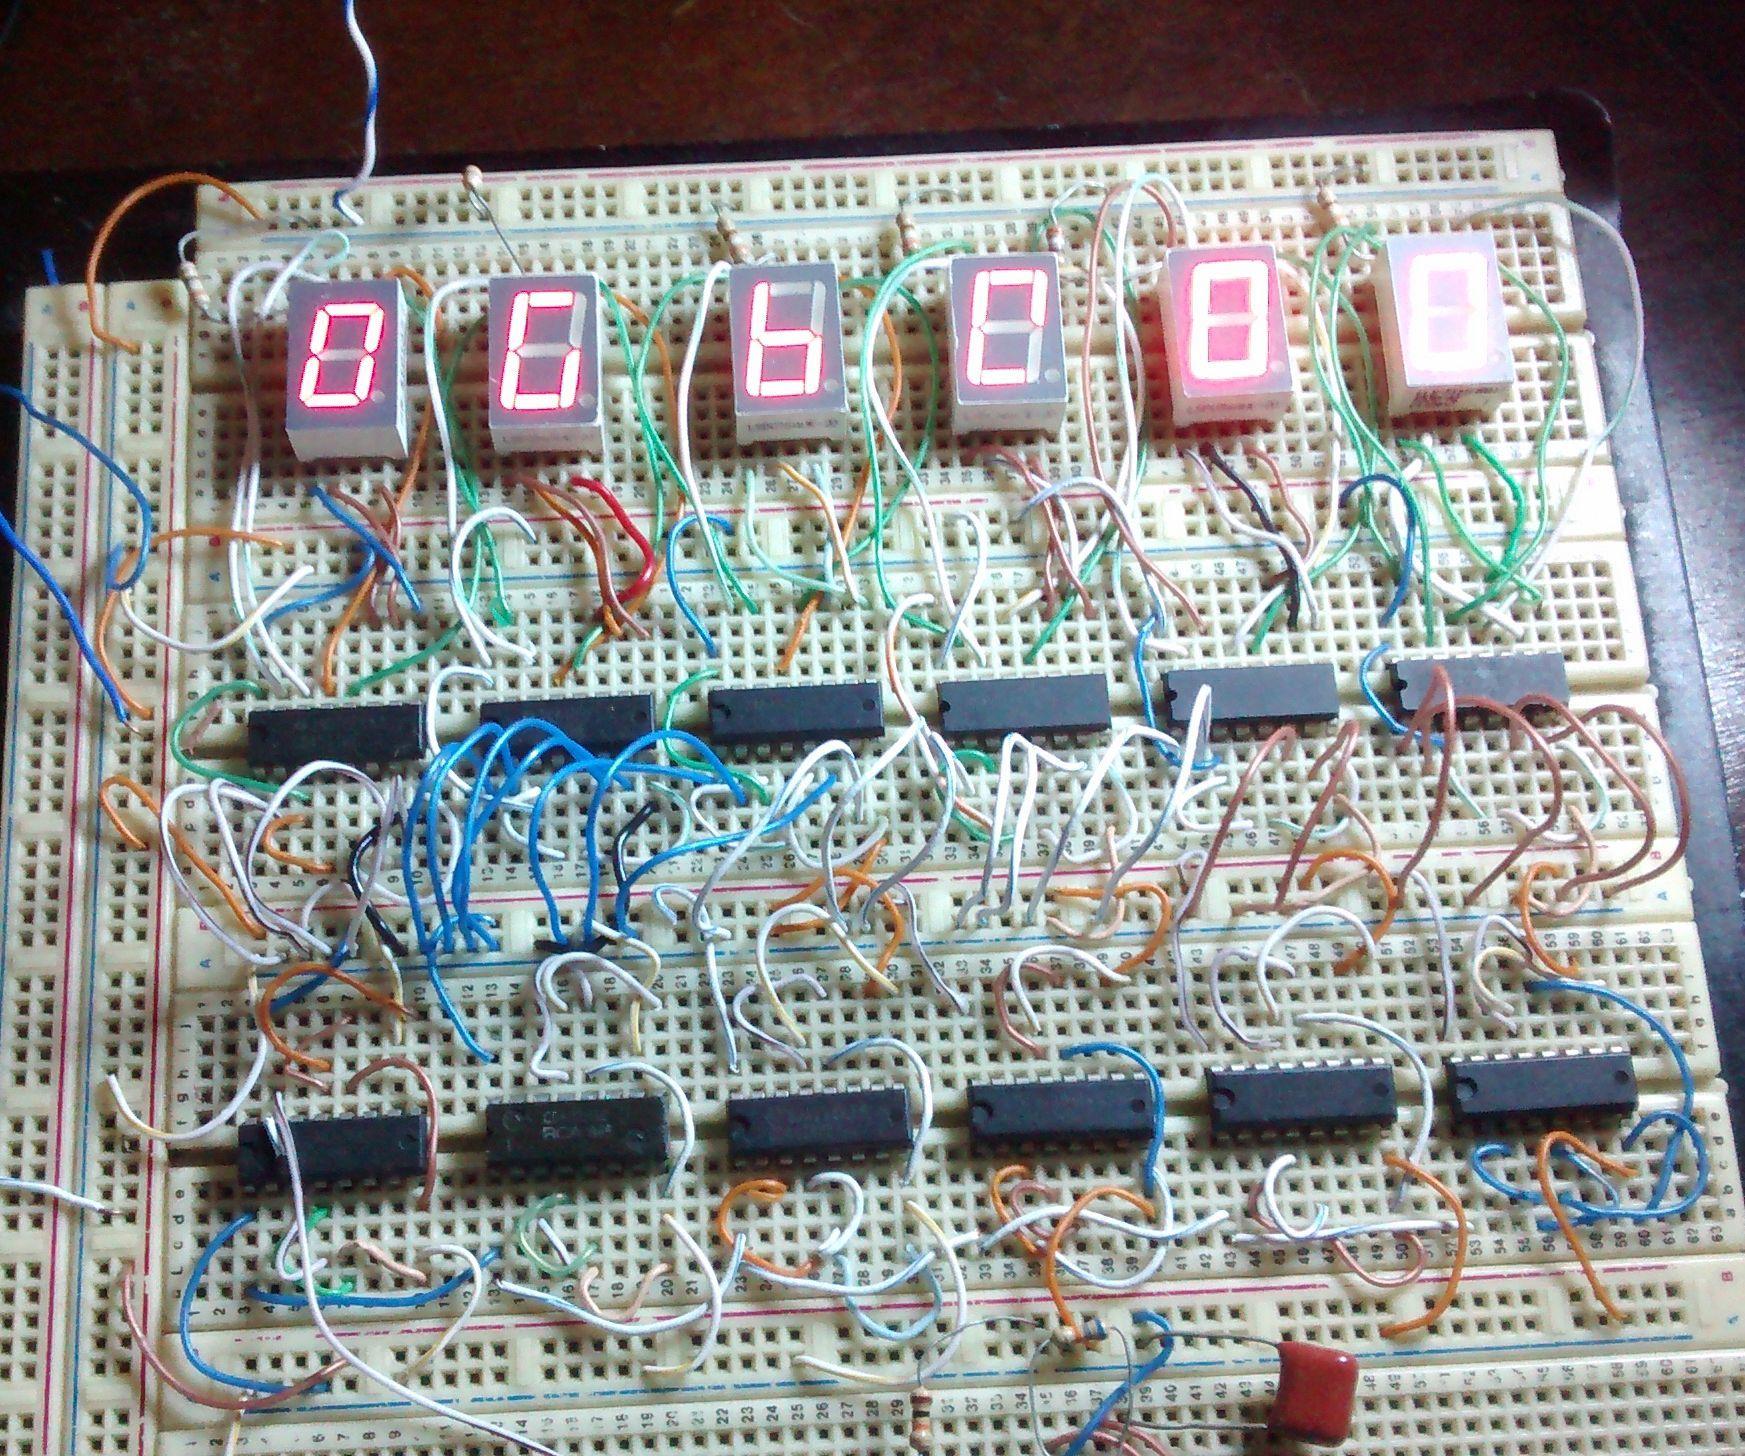 HOW TO DO a DIGITAL CLOCK Digital clocks, Electronics